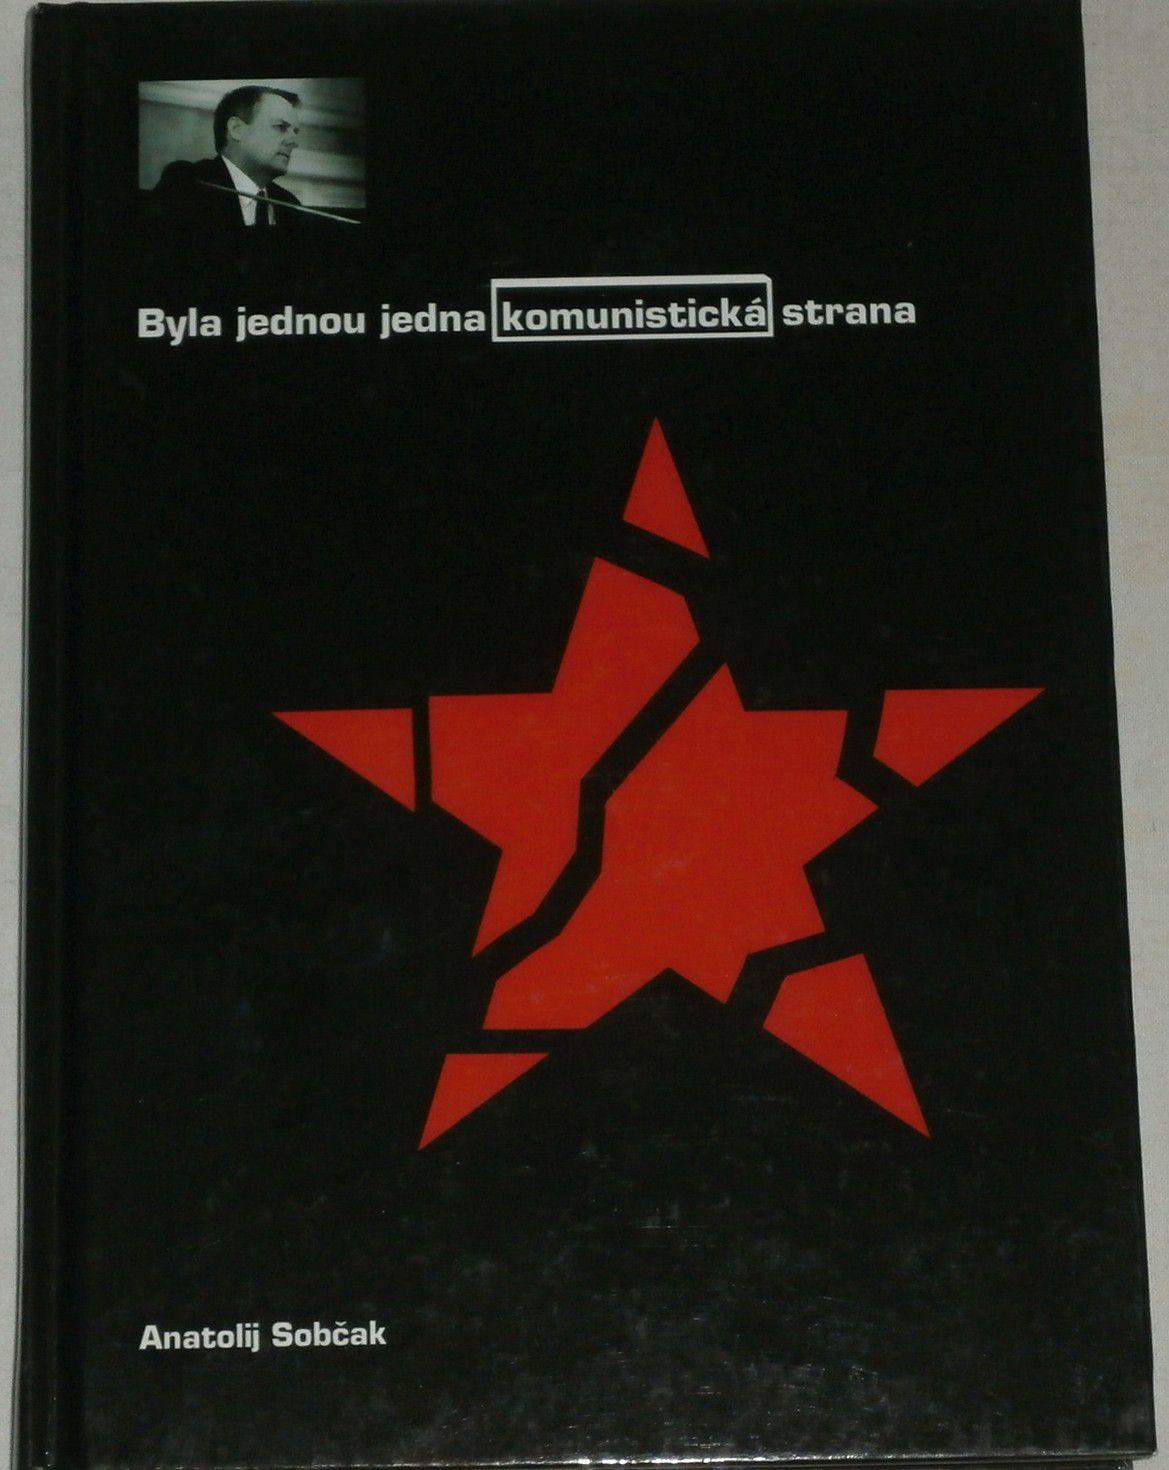 Sobčak Anatolij - Byla jednou jedna komunistická strana